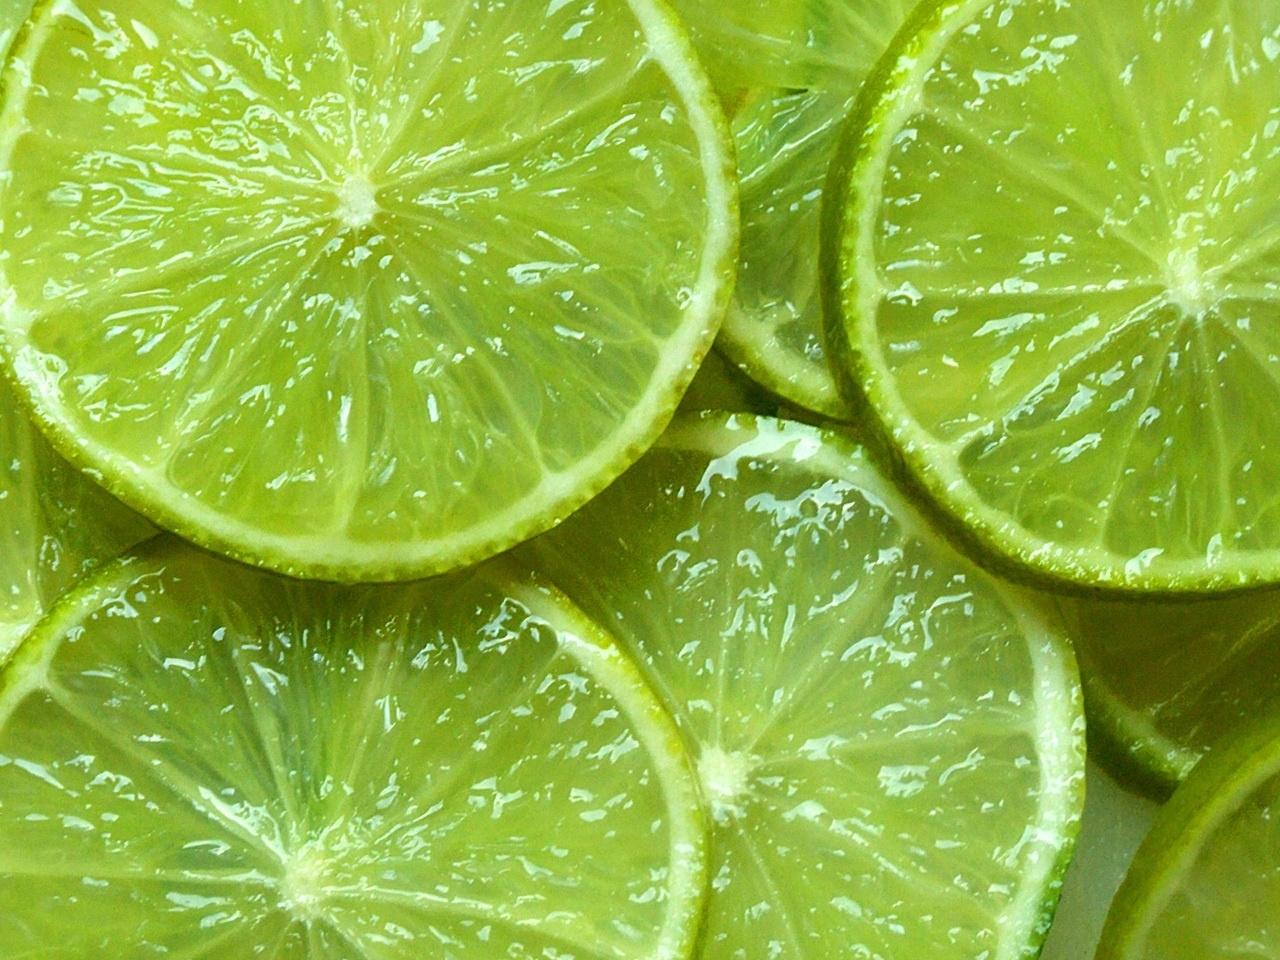 30996 скачать обои Фрукты, Фон, Еда, Лимоны - заставки и картинки бесплатно